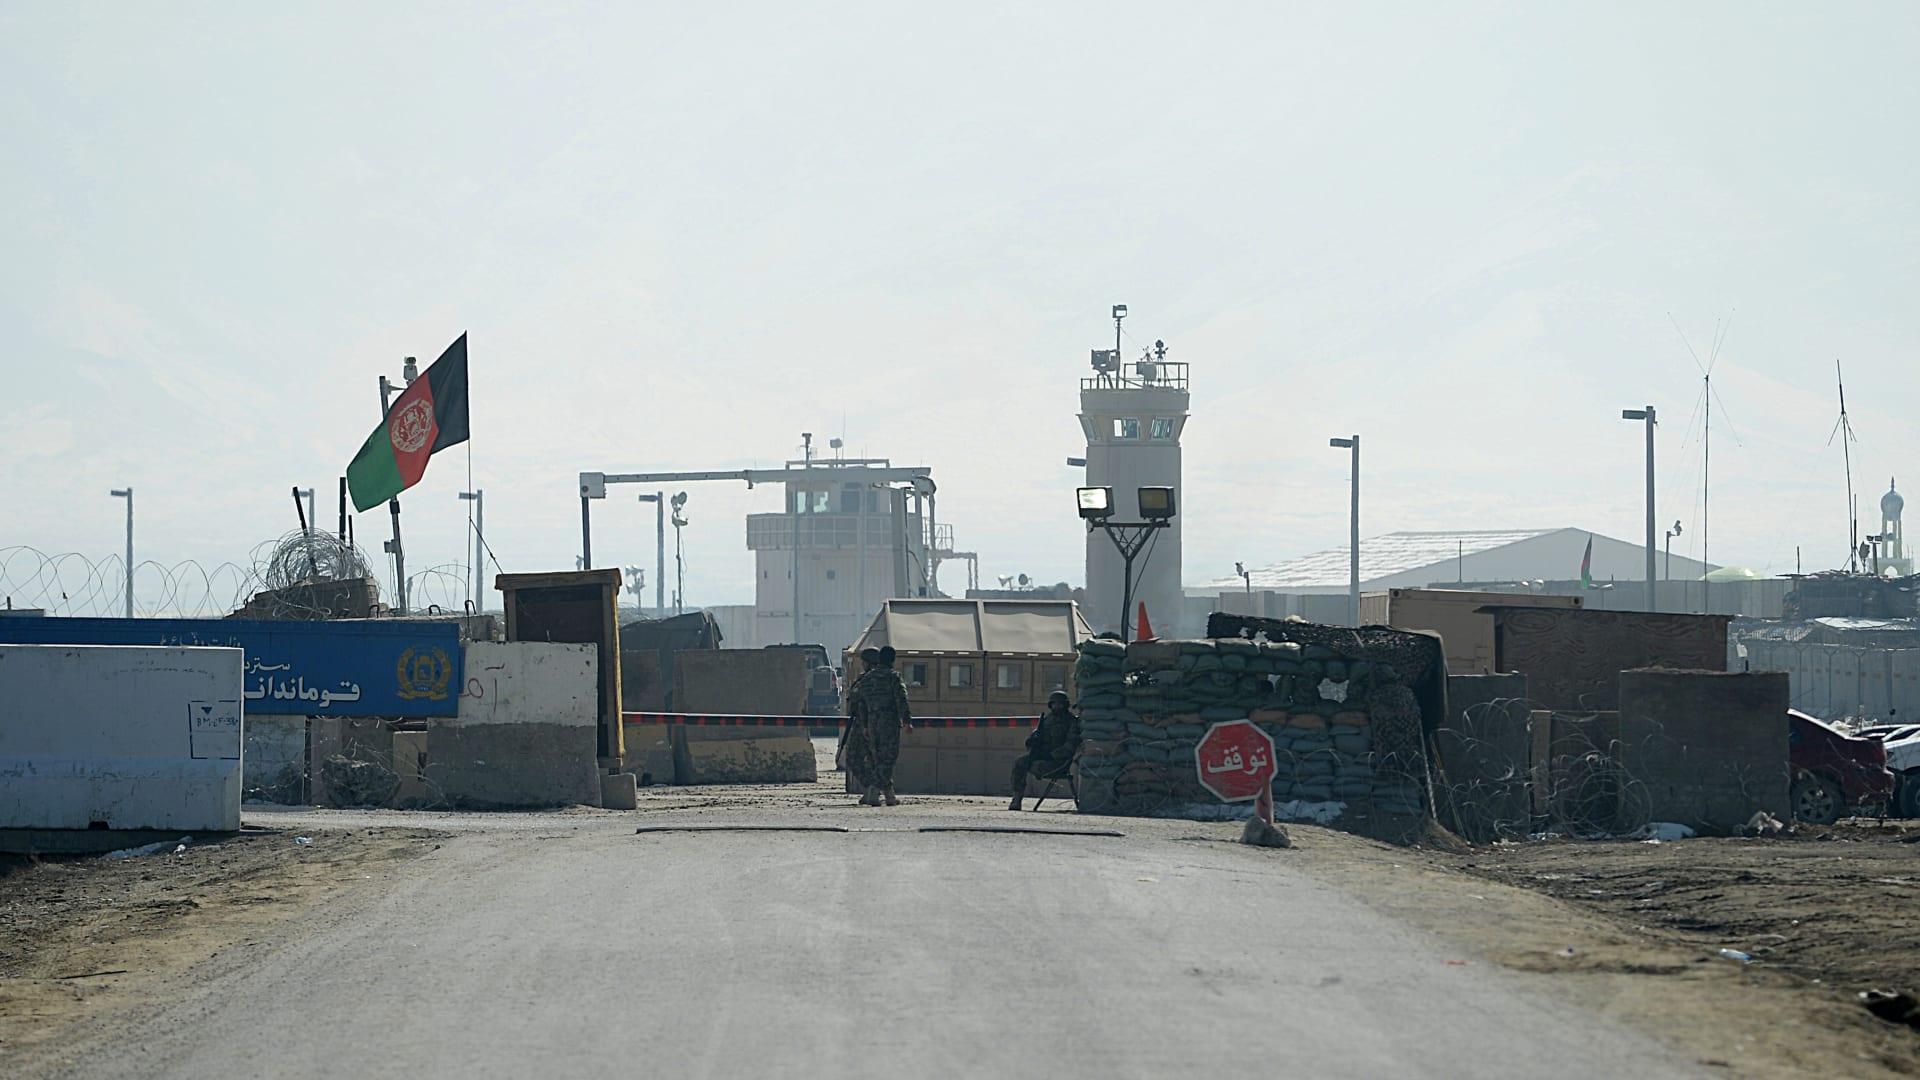 الجيش الأمريكي يبدأ نقل معداته من أفغانستان.. ونشر قوات لحماية عملية  الانسحاب - CNN Arabic